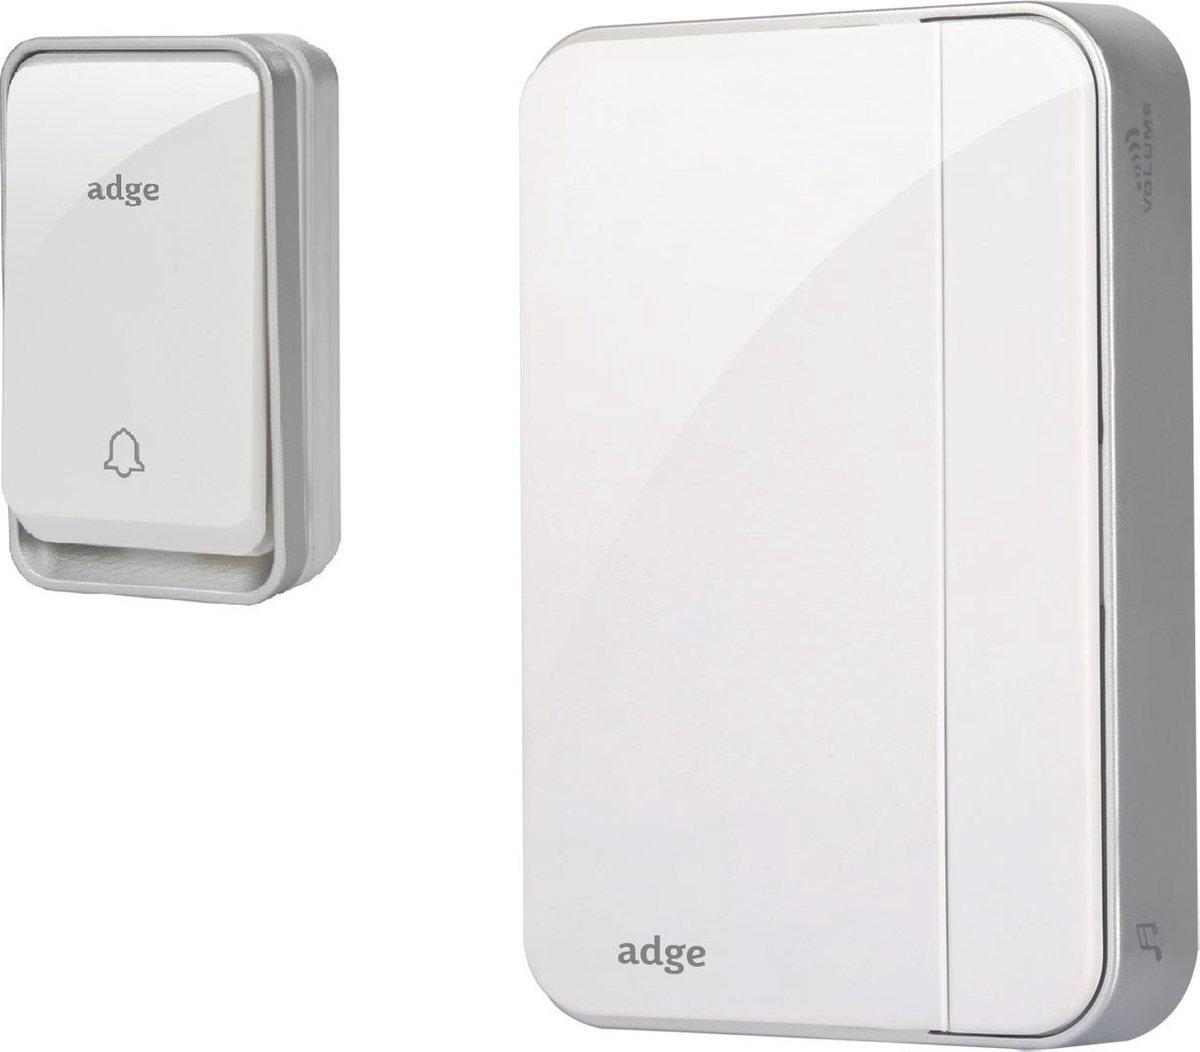 Adge - Draadloze Deurbel met 1 Ontvanger - Plug&Play - Regelbaar Volume / Melodie - Geen batterijen nodig